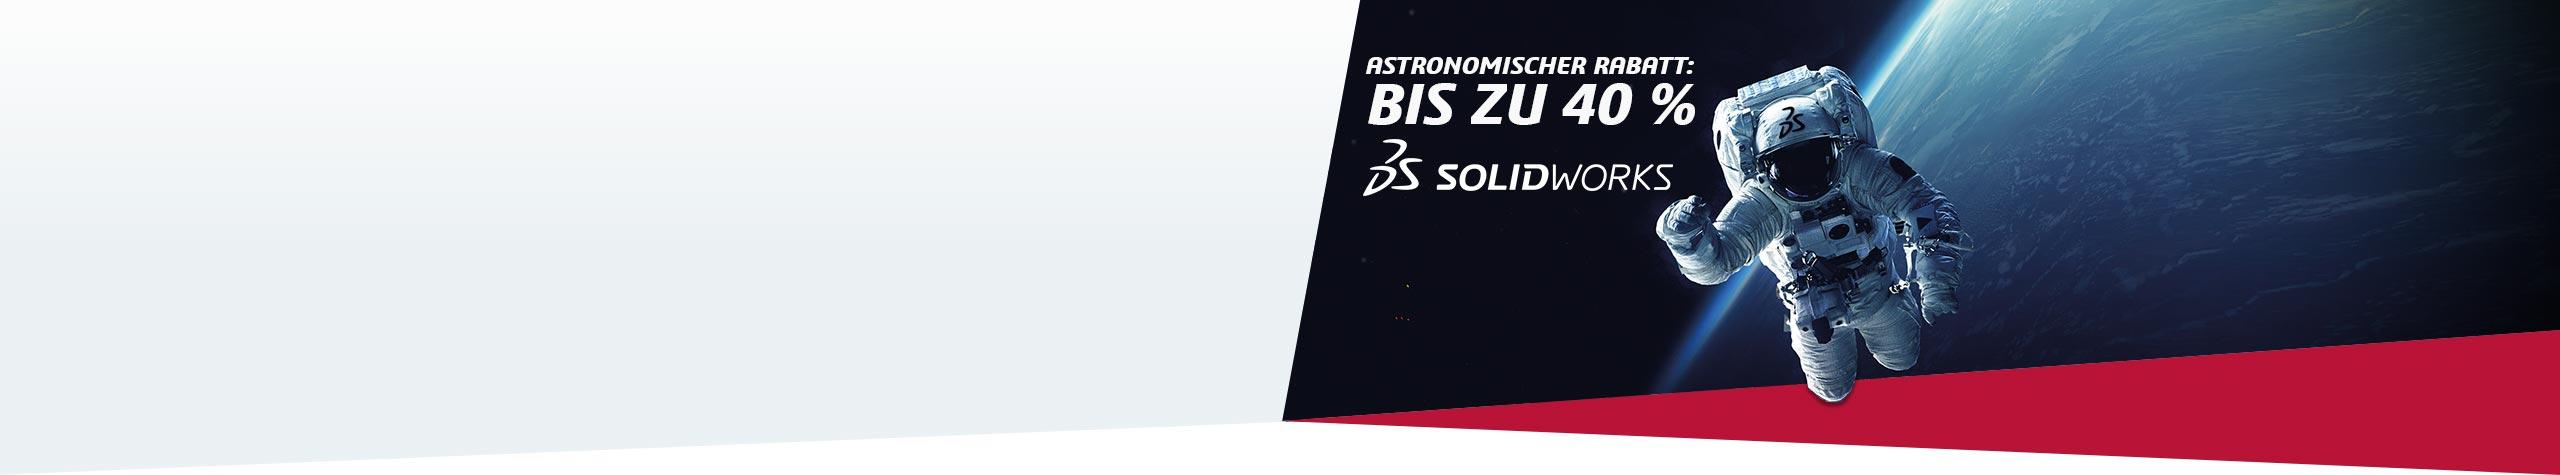 SOLIDWORKS Aktion Astronomische Rabatte – bis zu 40% auf SOLIDWORKS Lösungen.